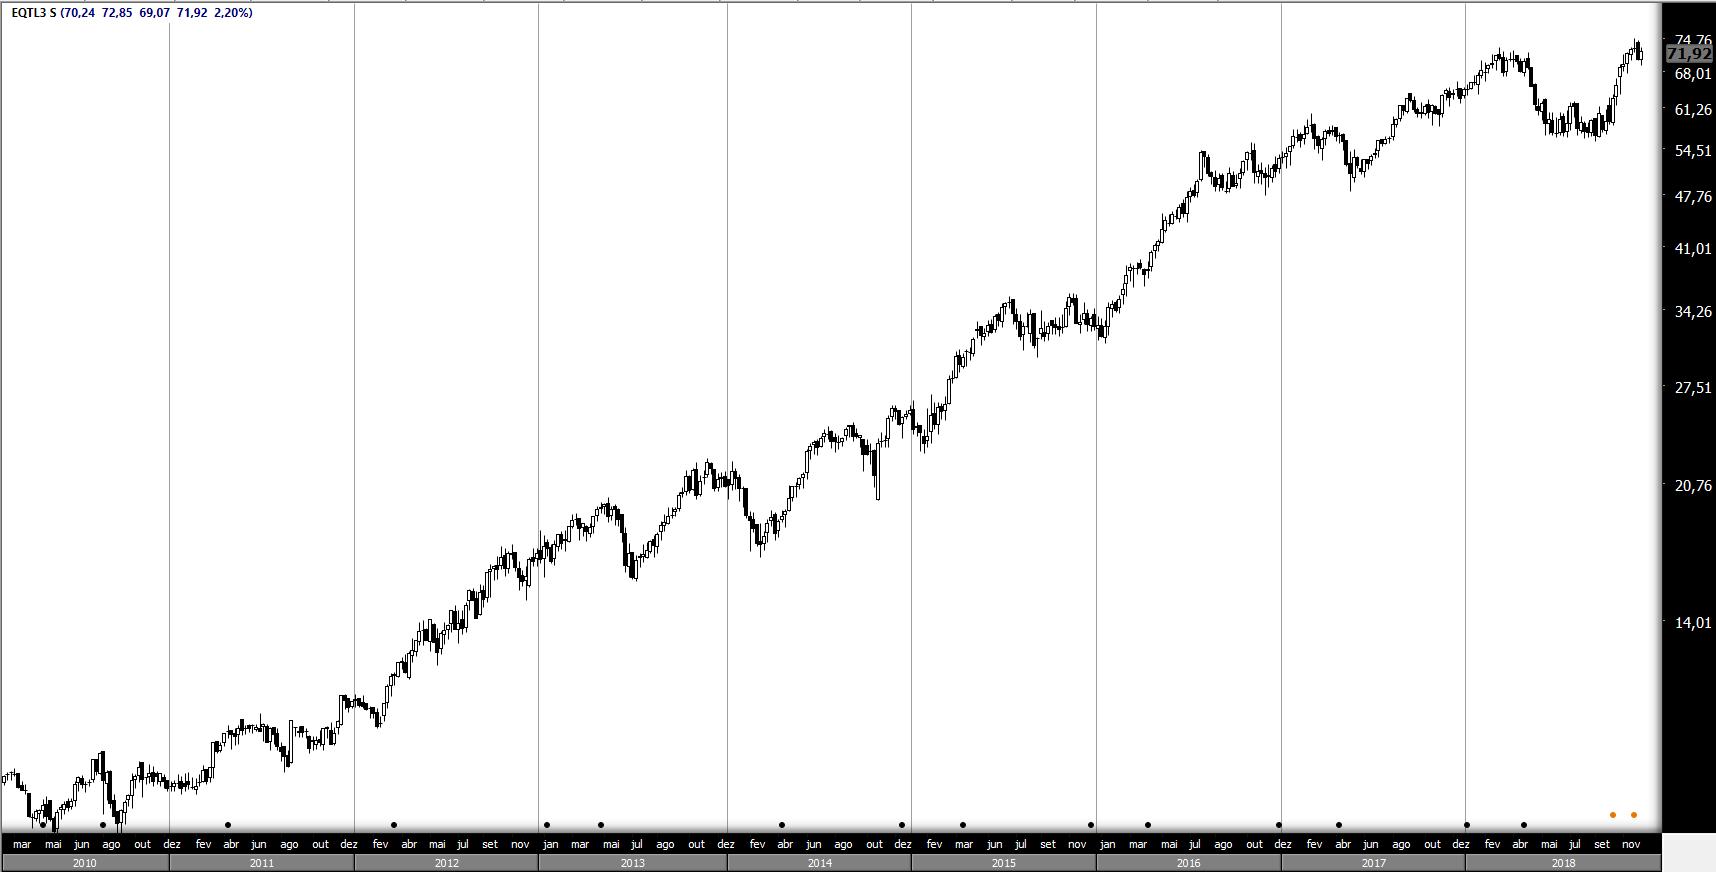 Veja este exemplo no gráfico de preços das ações da empresa Equatorial Energia (EQTL3).